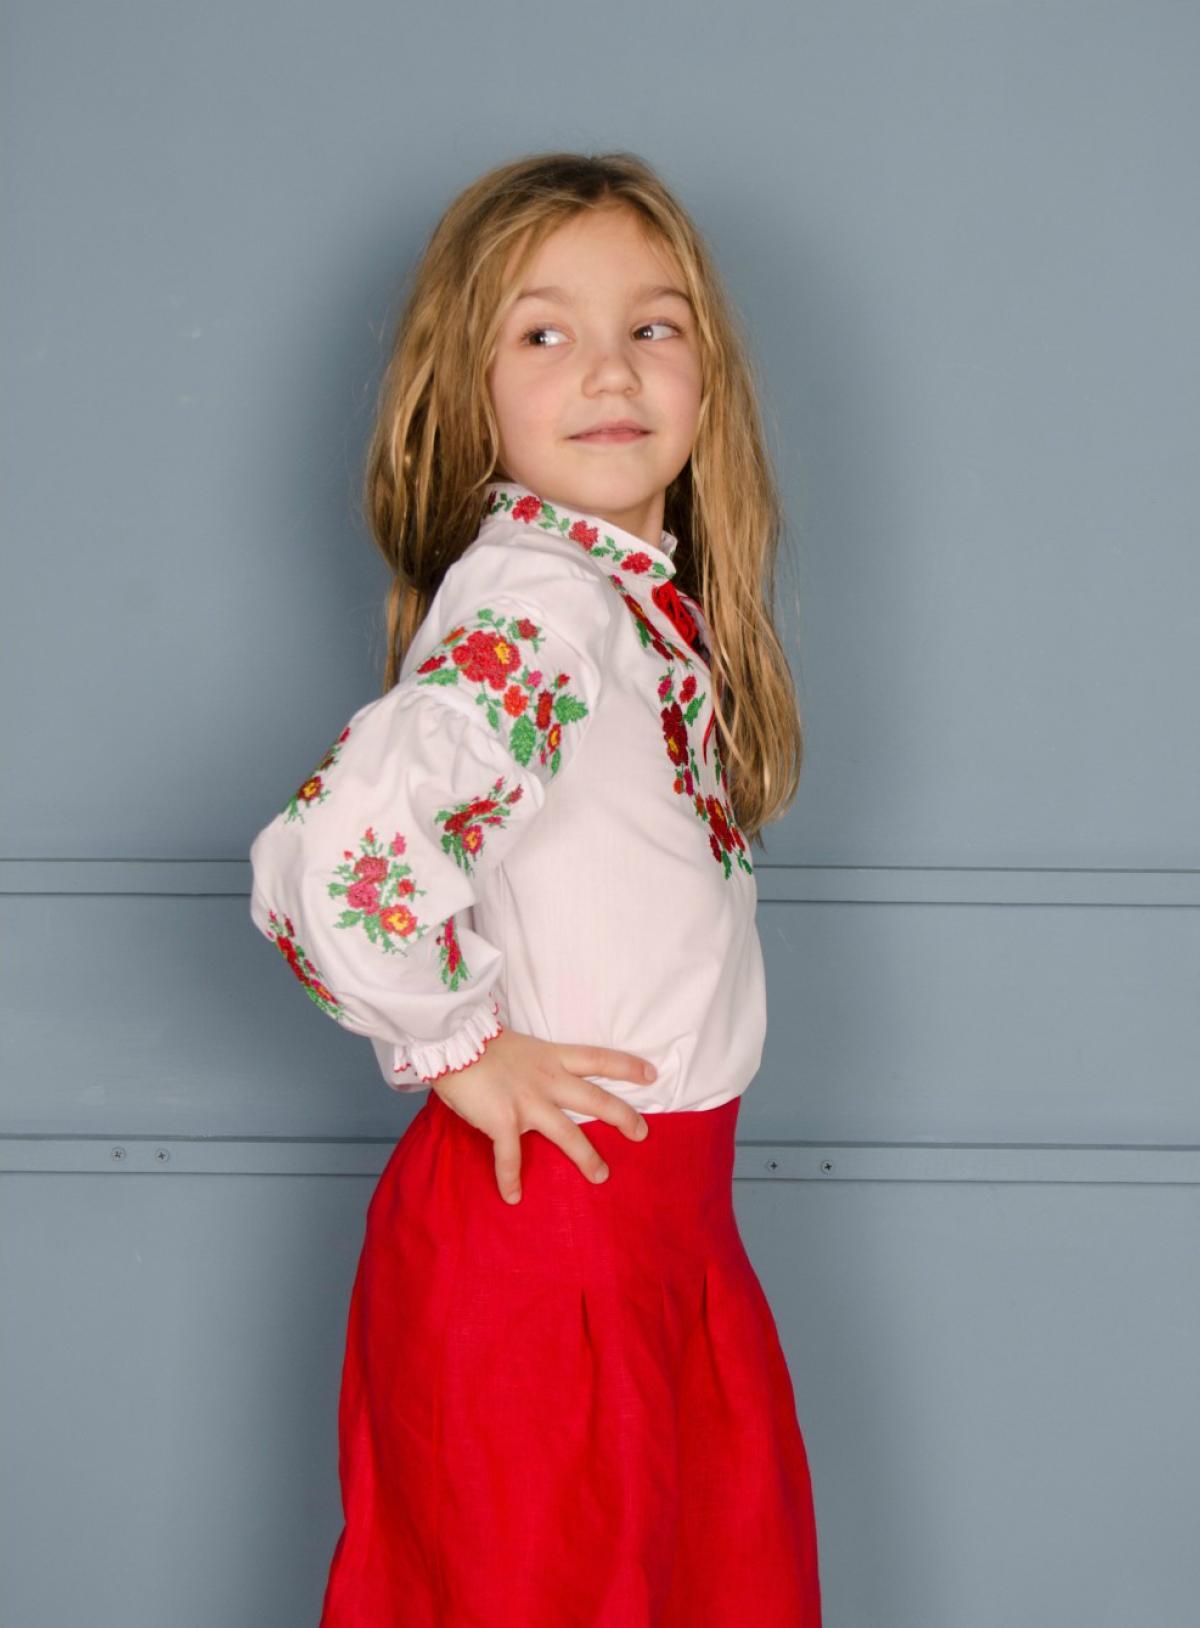 Біла вішиванка на дівчинку з червоно-зеленою вишивкою. Фото №2. | Народний дім Україна